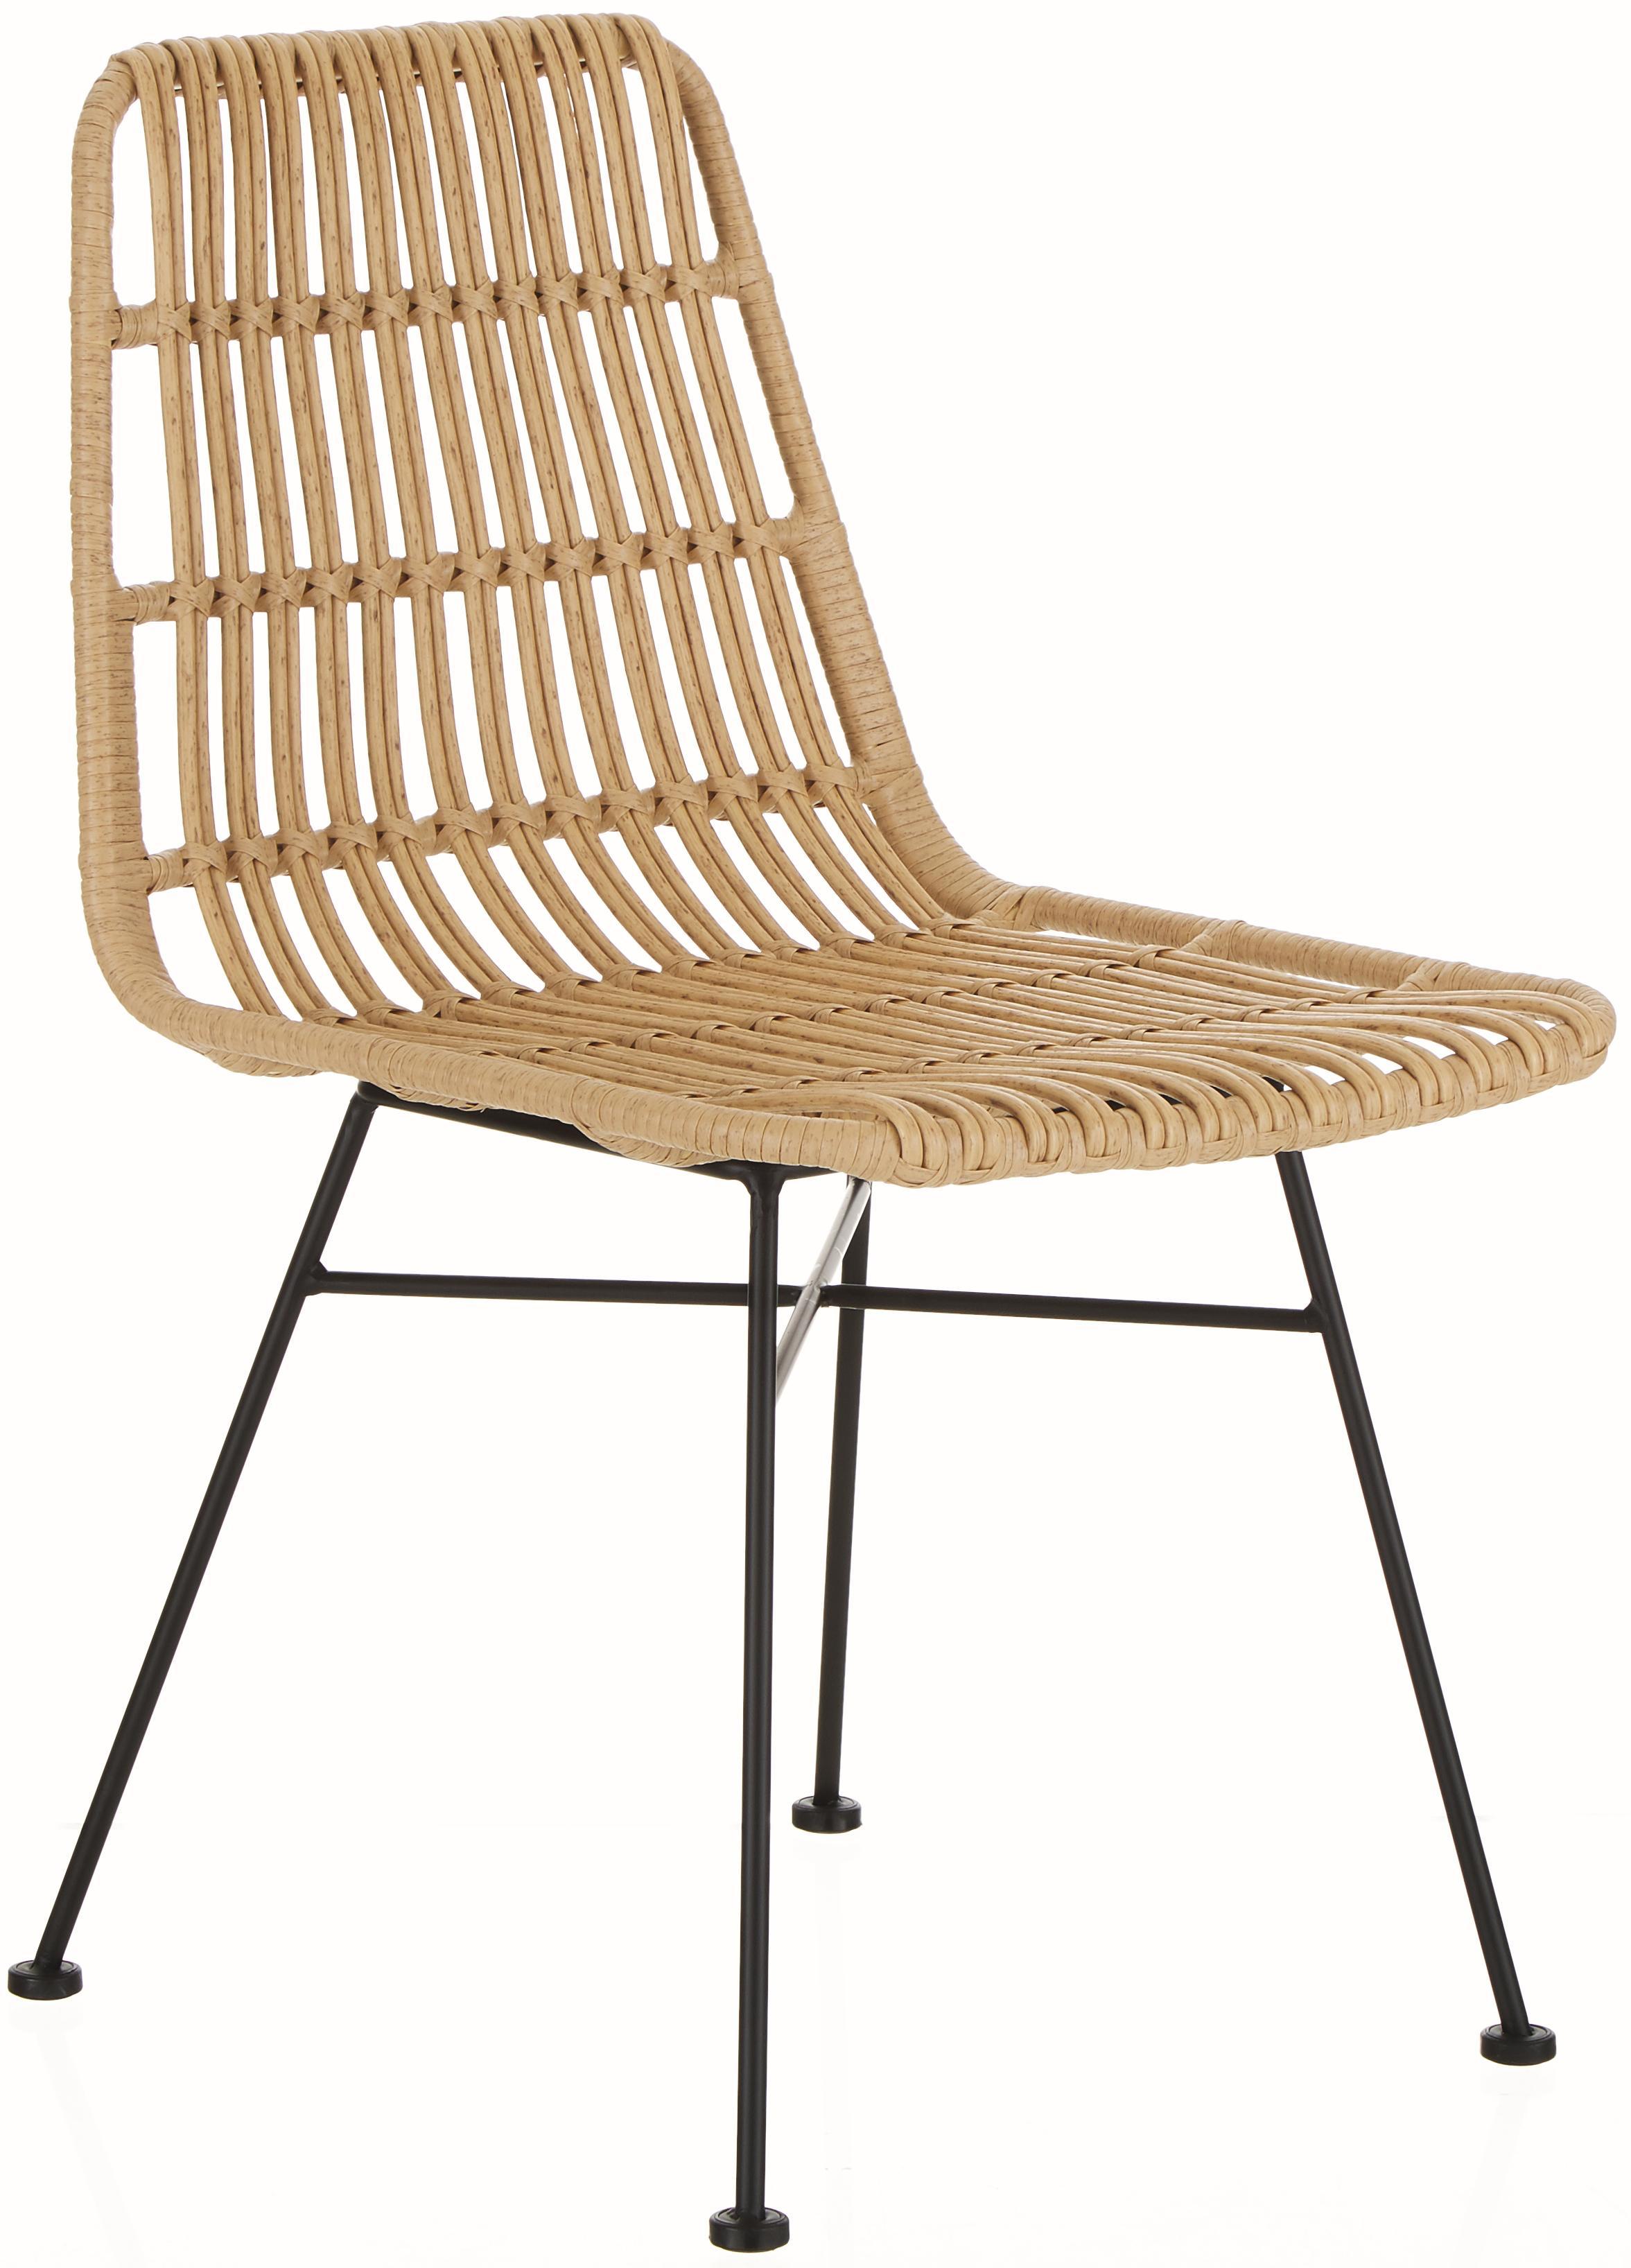 Sillas de poliratán Tulum, 2uds., Asiento: polietileno, Estructura: metal, pintura en polvo, Beige, patas negro, An 47 x F 61 cm